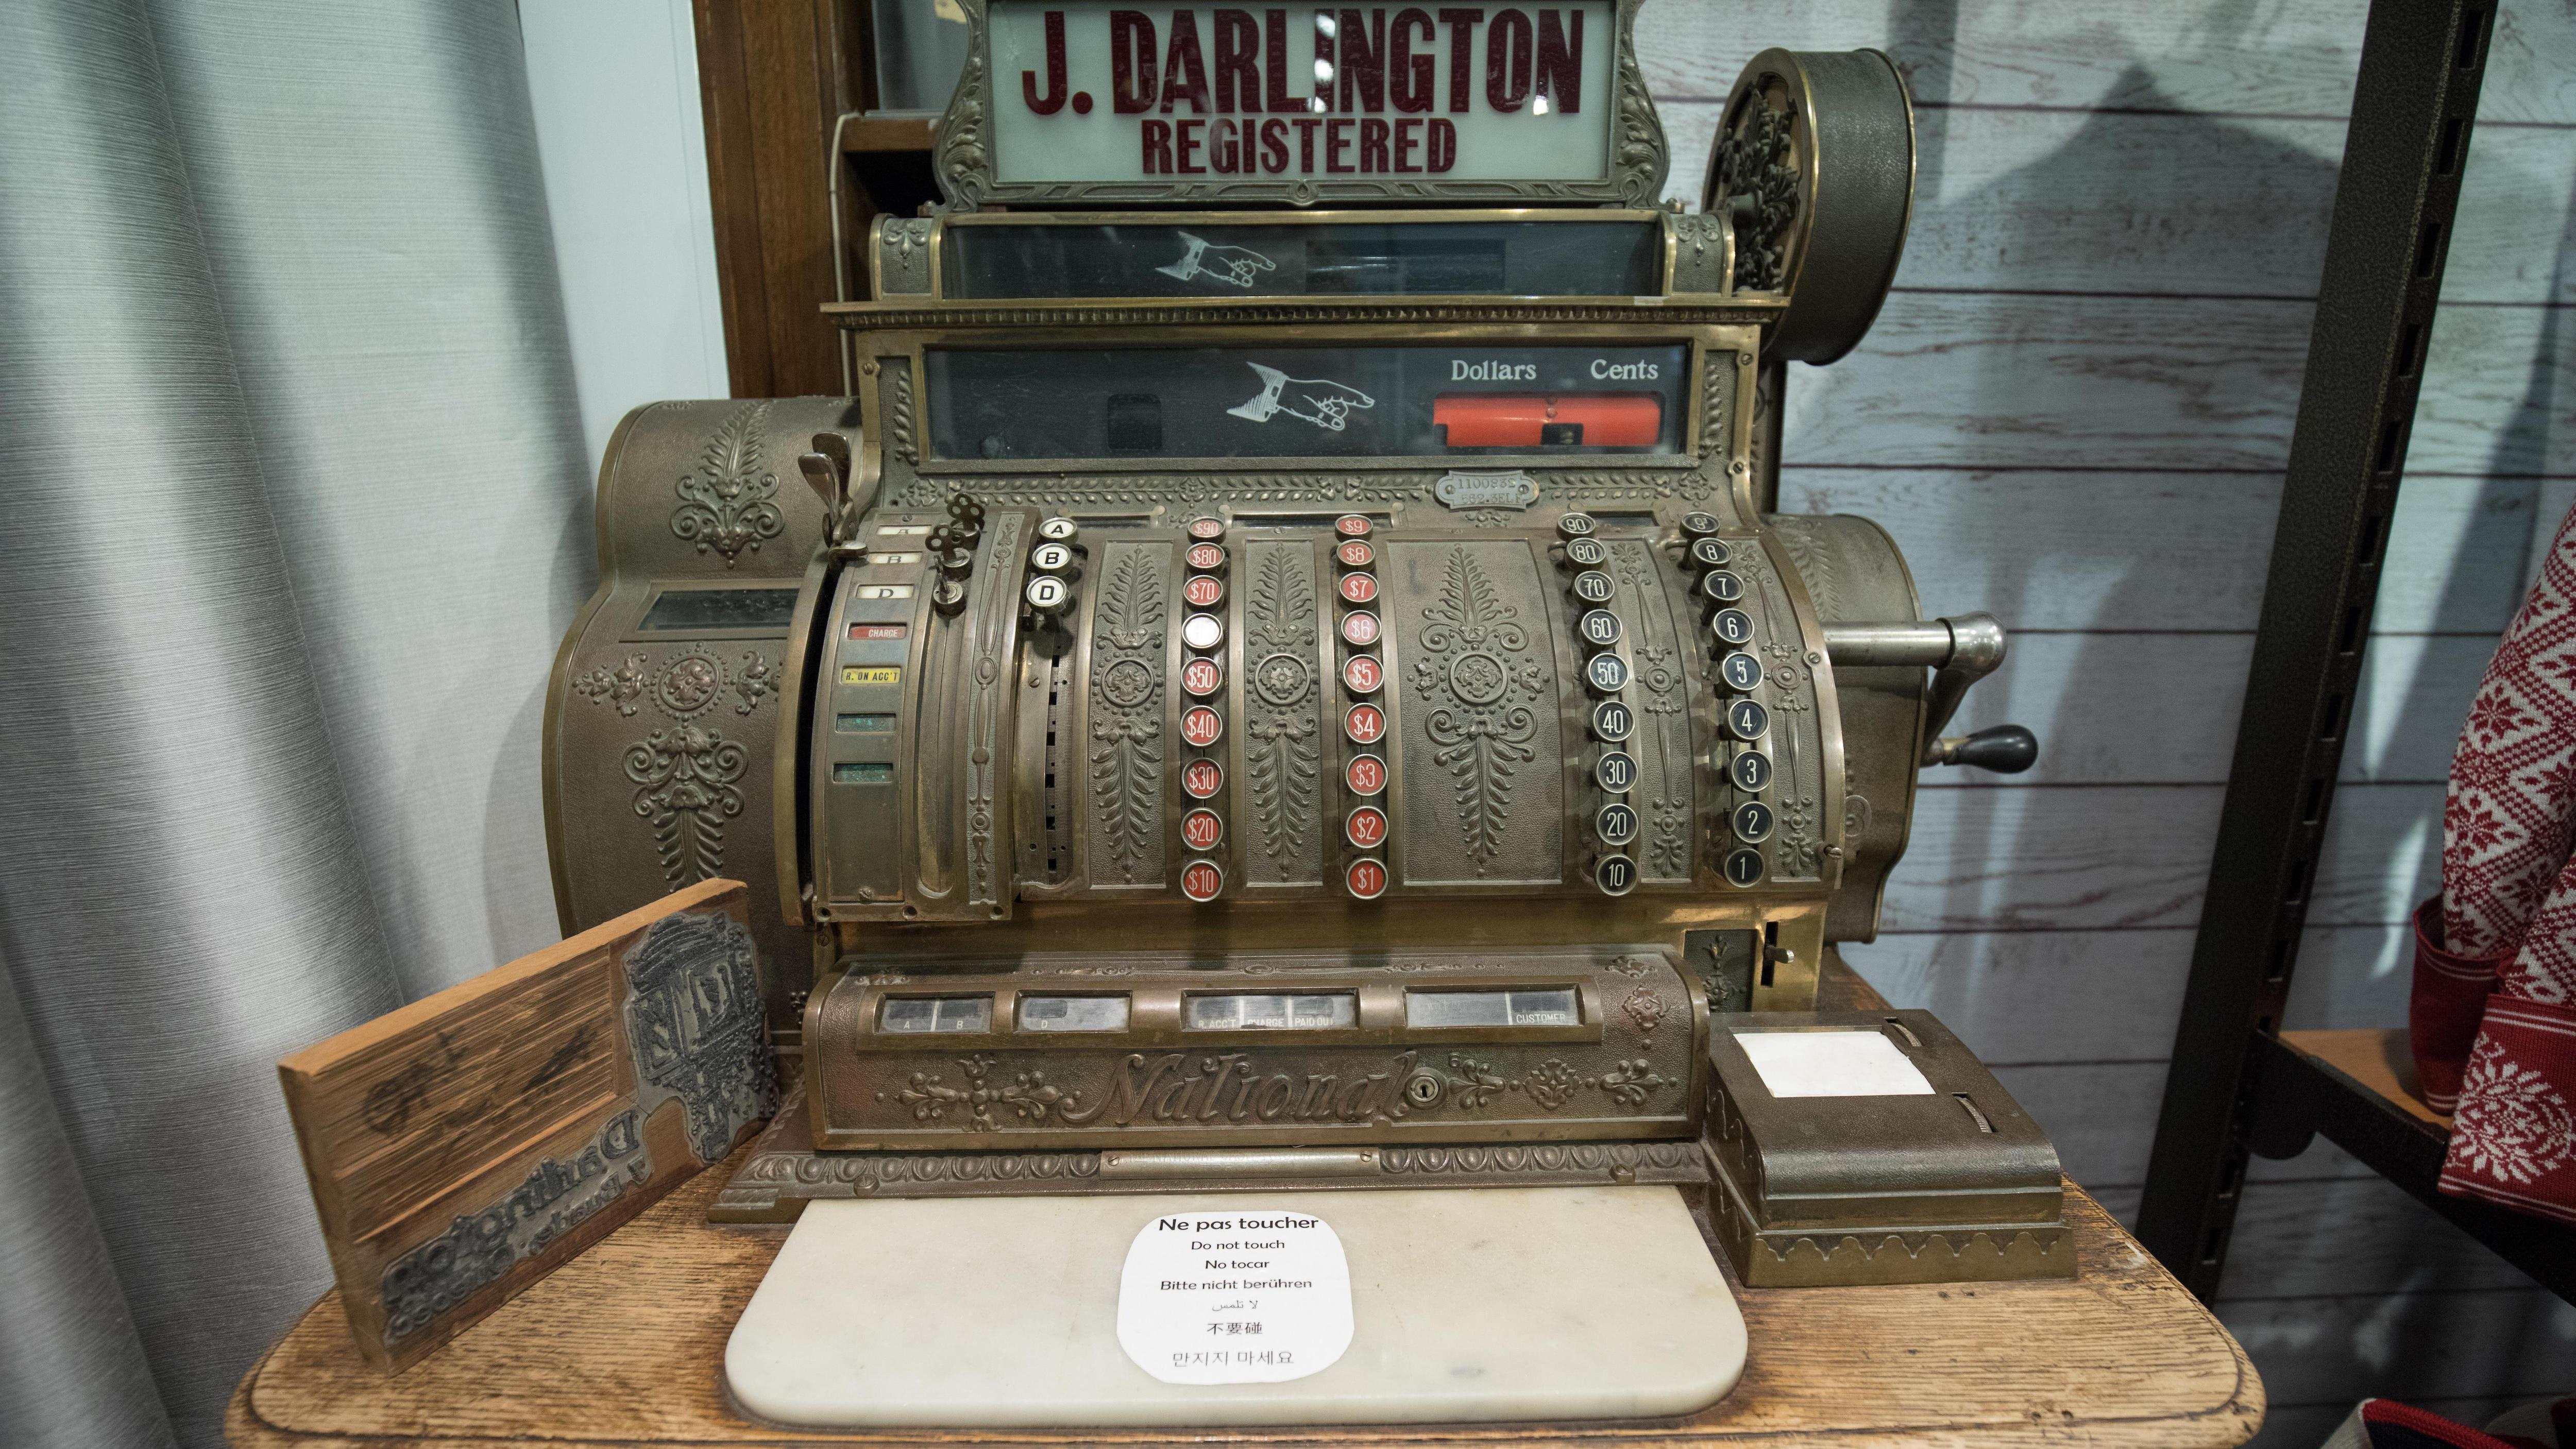 Même si elle n'est plus utilisée aujourd'hui, la caisse enregistreuse est toujours présente dans le magasin.